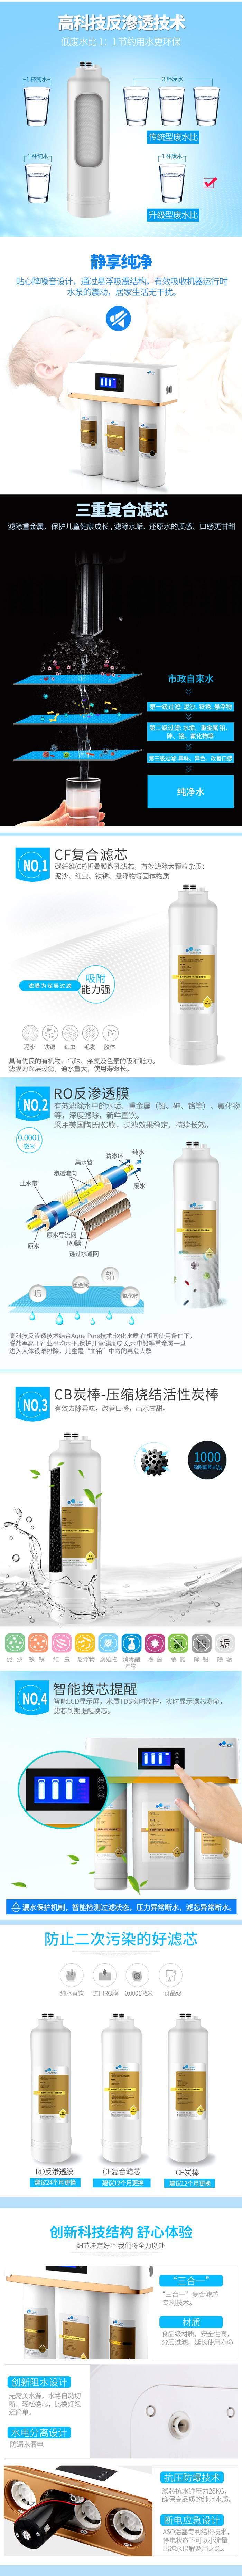 水鹿卫浴-厨房-净水器-国际品牌同厂RO纯水机滤芯